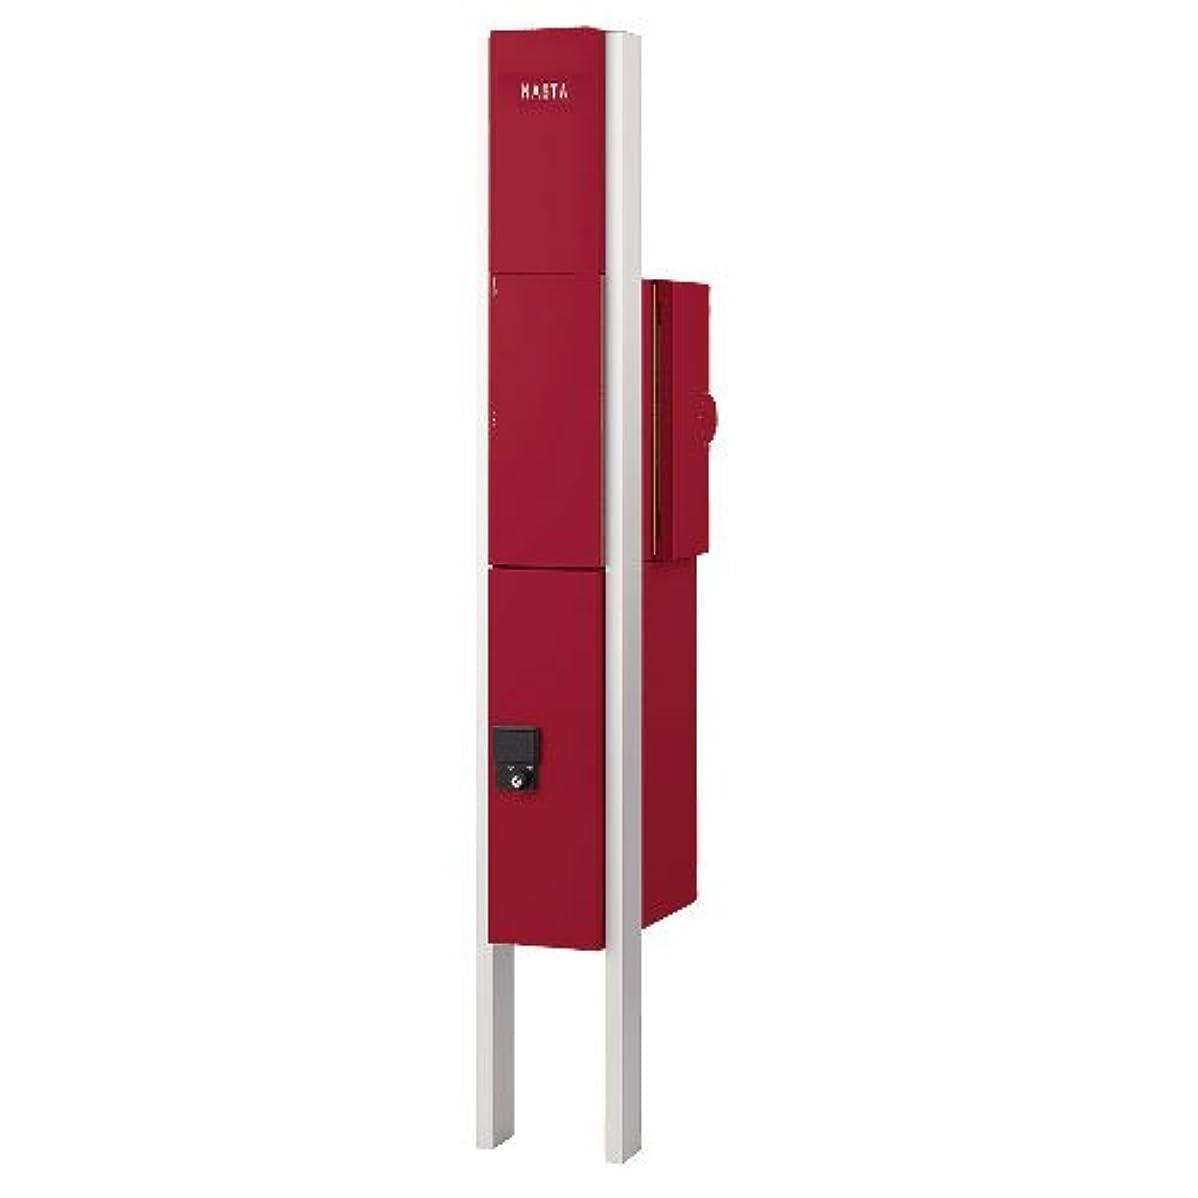 魅力的保護傾くクオール 門柱+宅配ボックス+ポスト(右) 3点セット (ドアホン穴なし) KS-GP10A-NH-M3R-TBD ナスタ